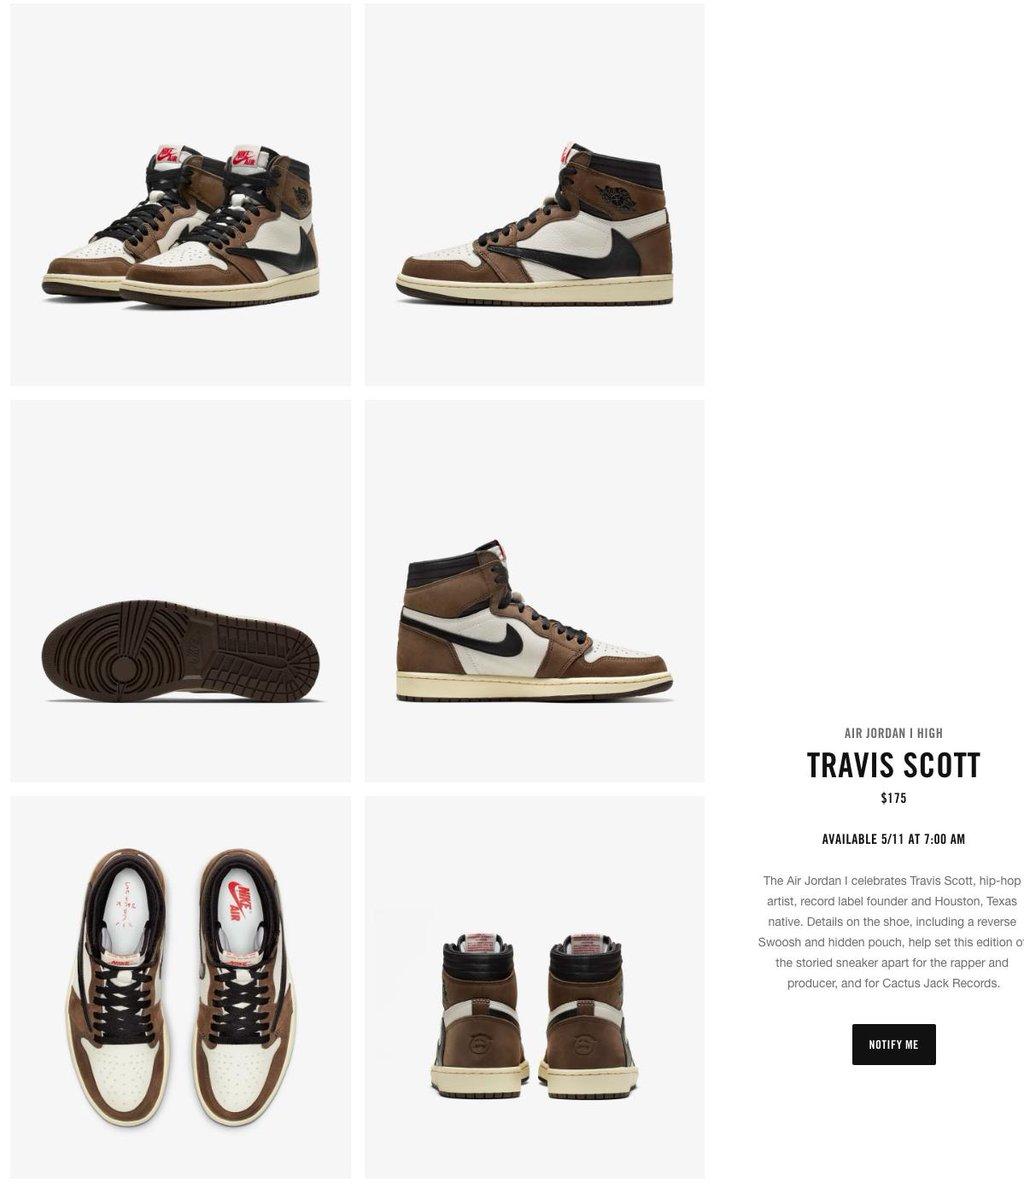 The Travis Scott x Air Jordan 1 High OG